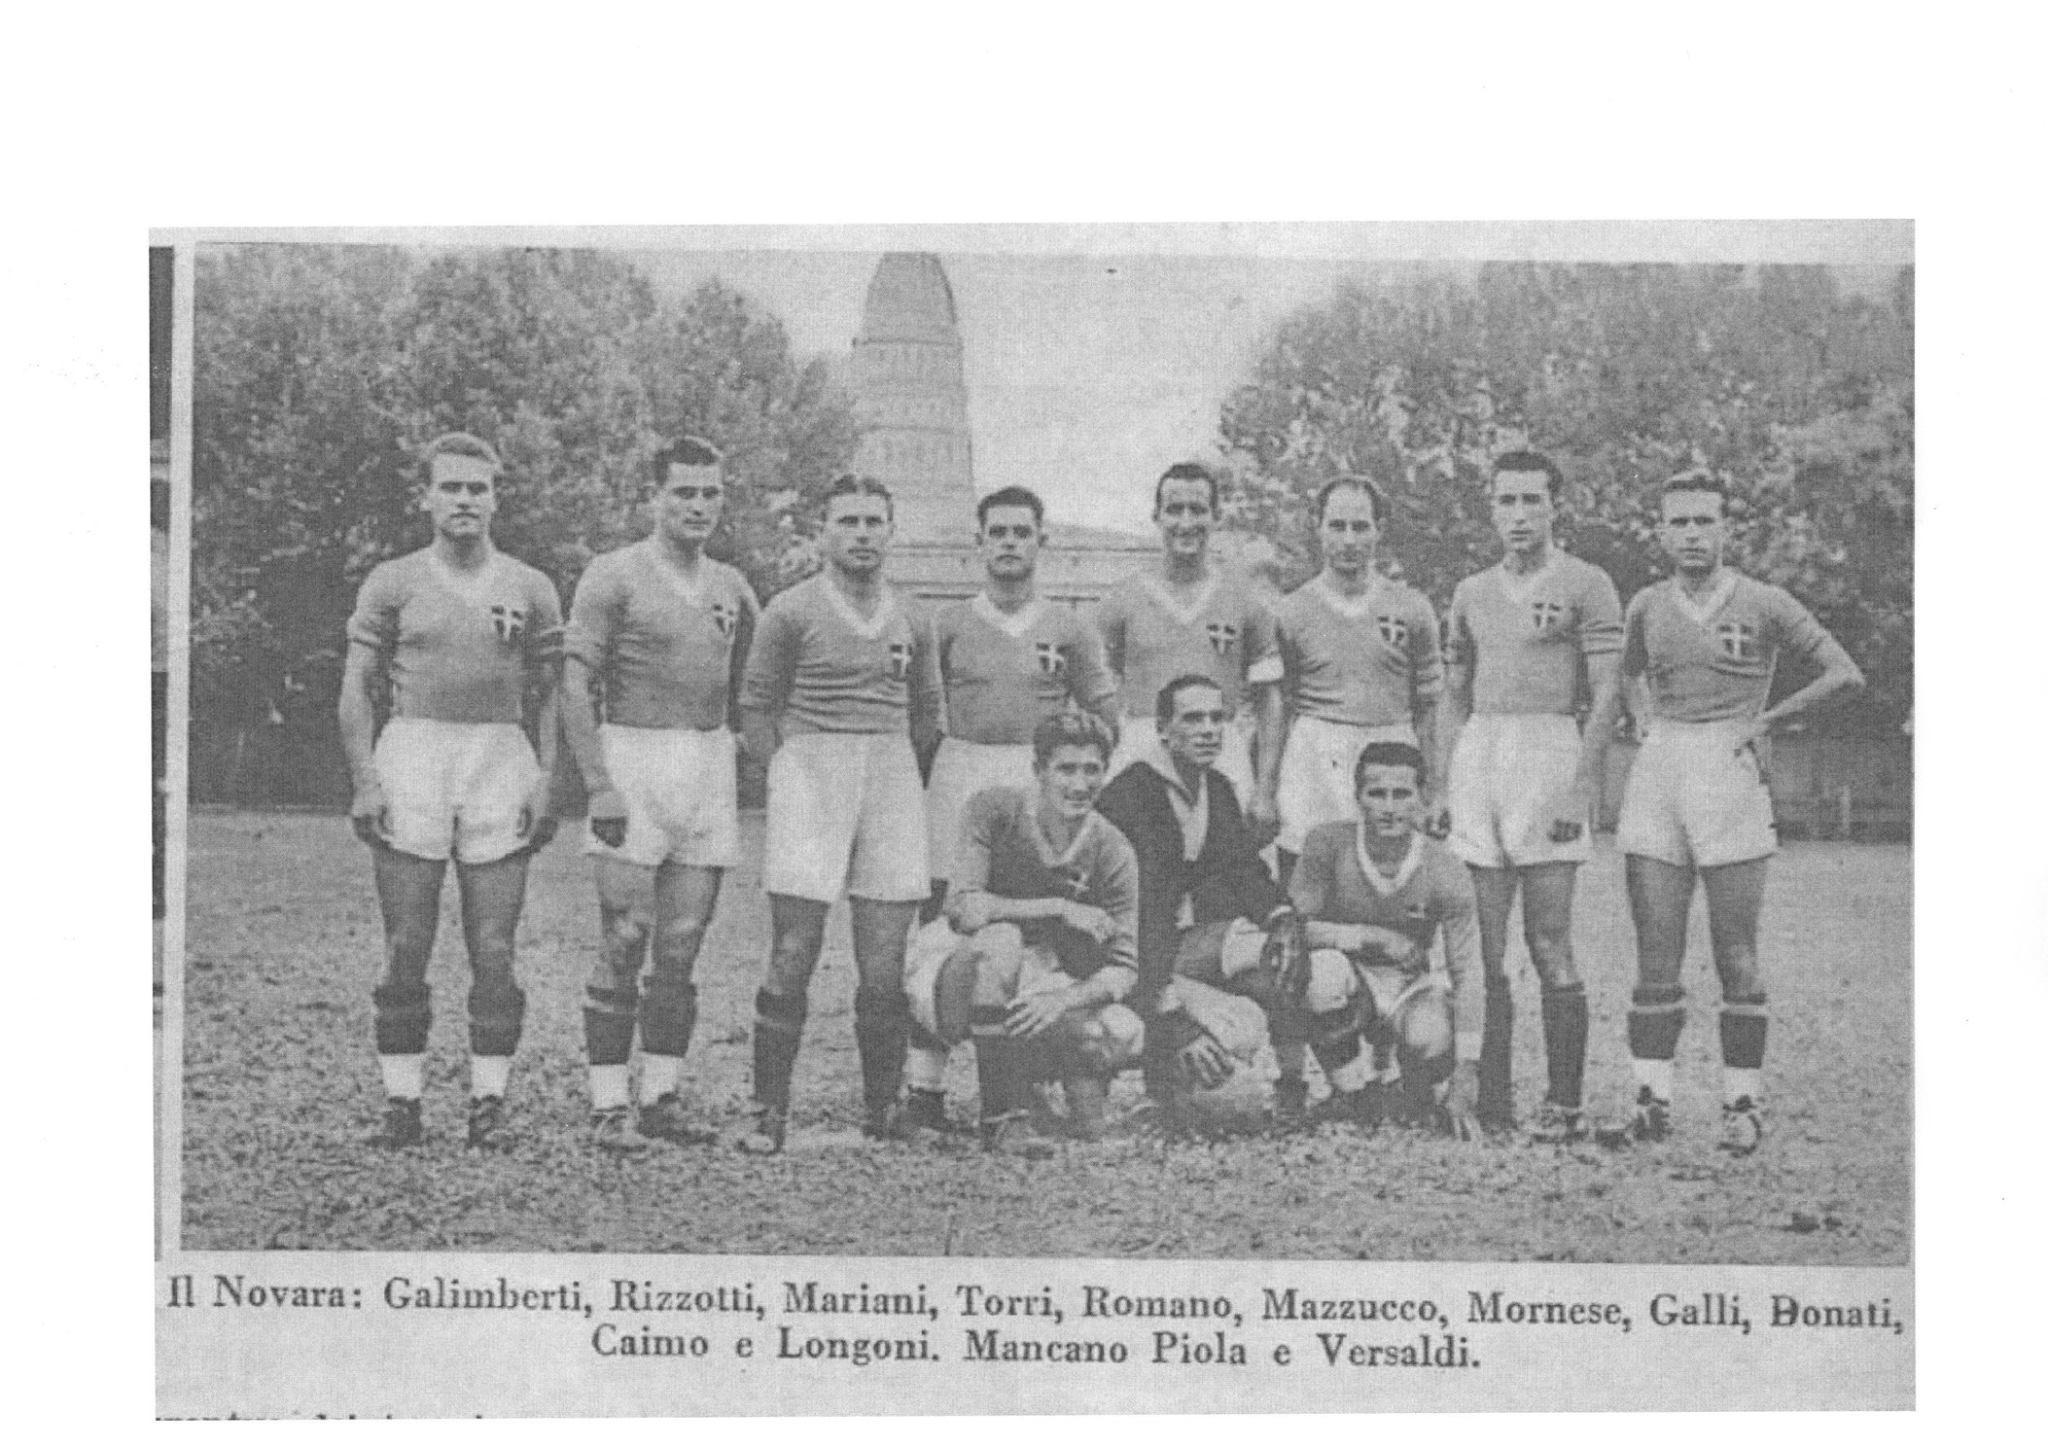 19 giugno 1938: due finali…azzurre